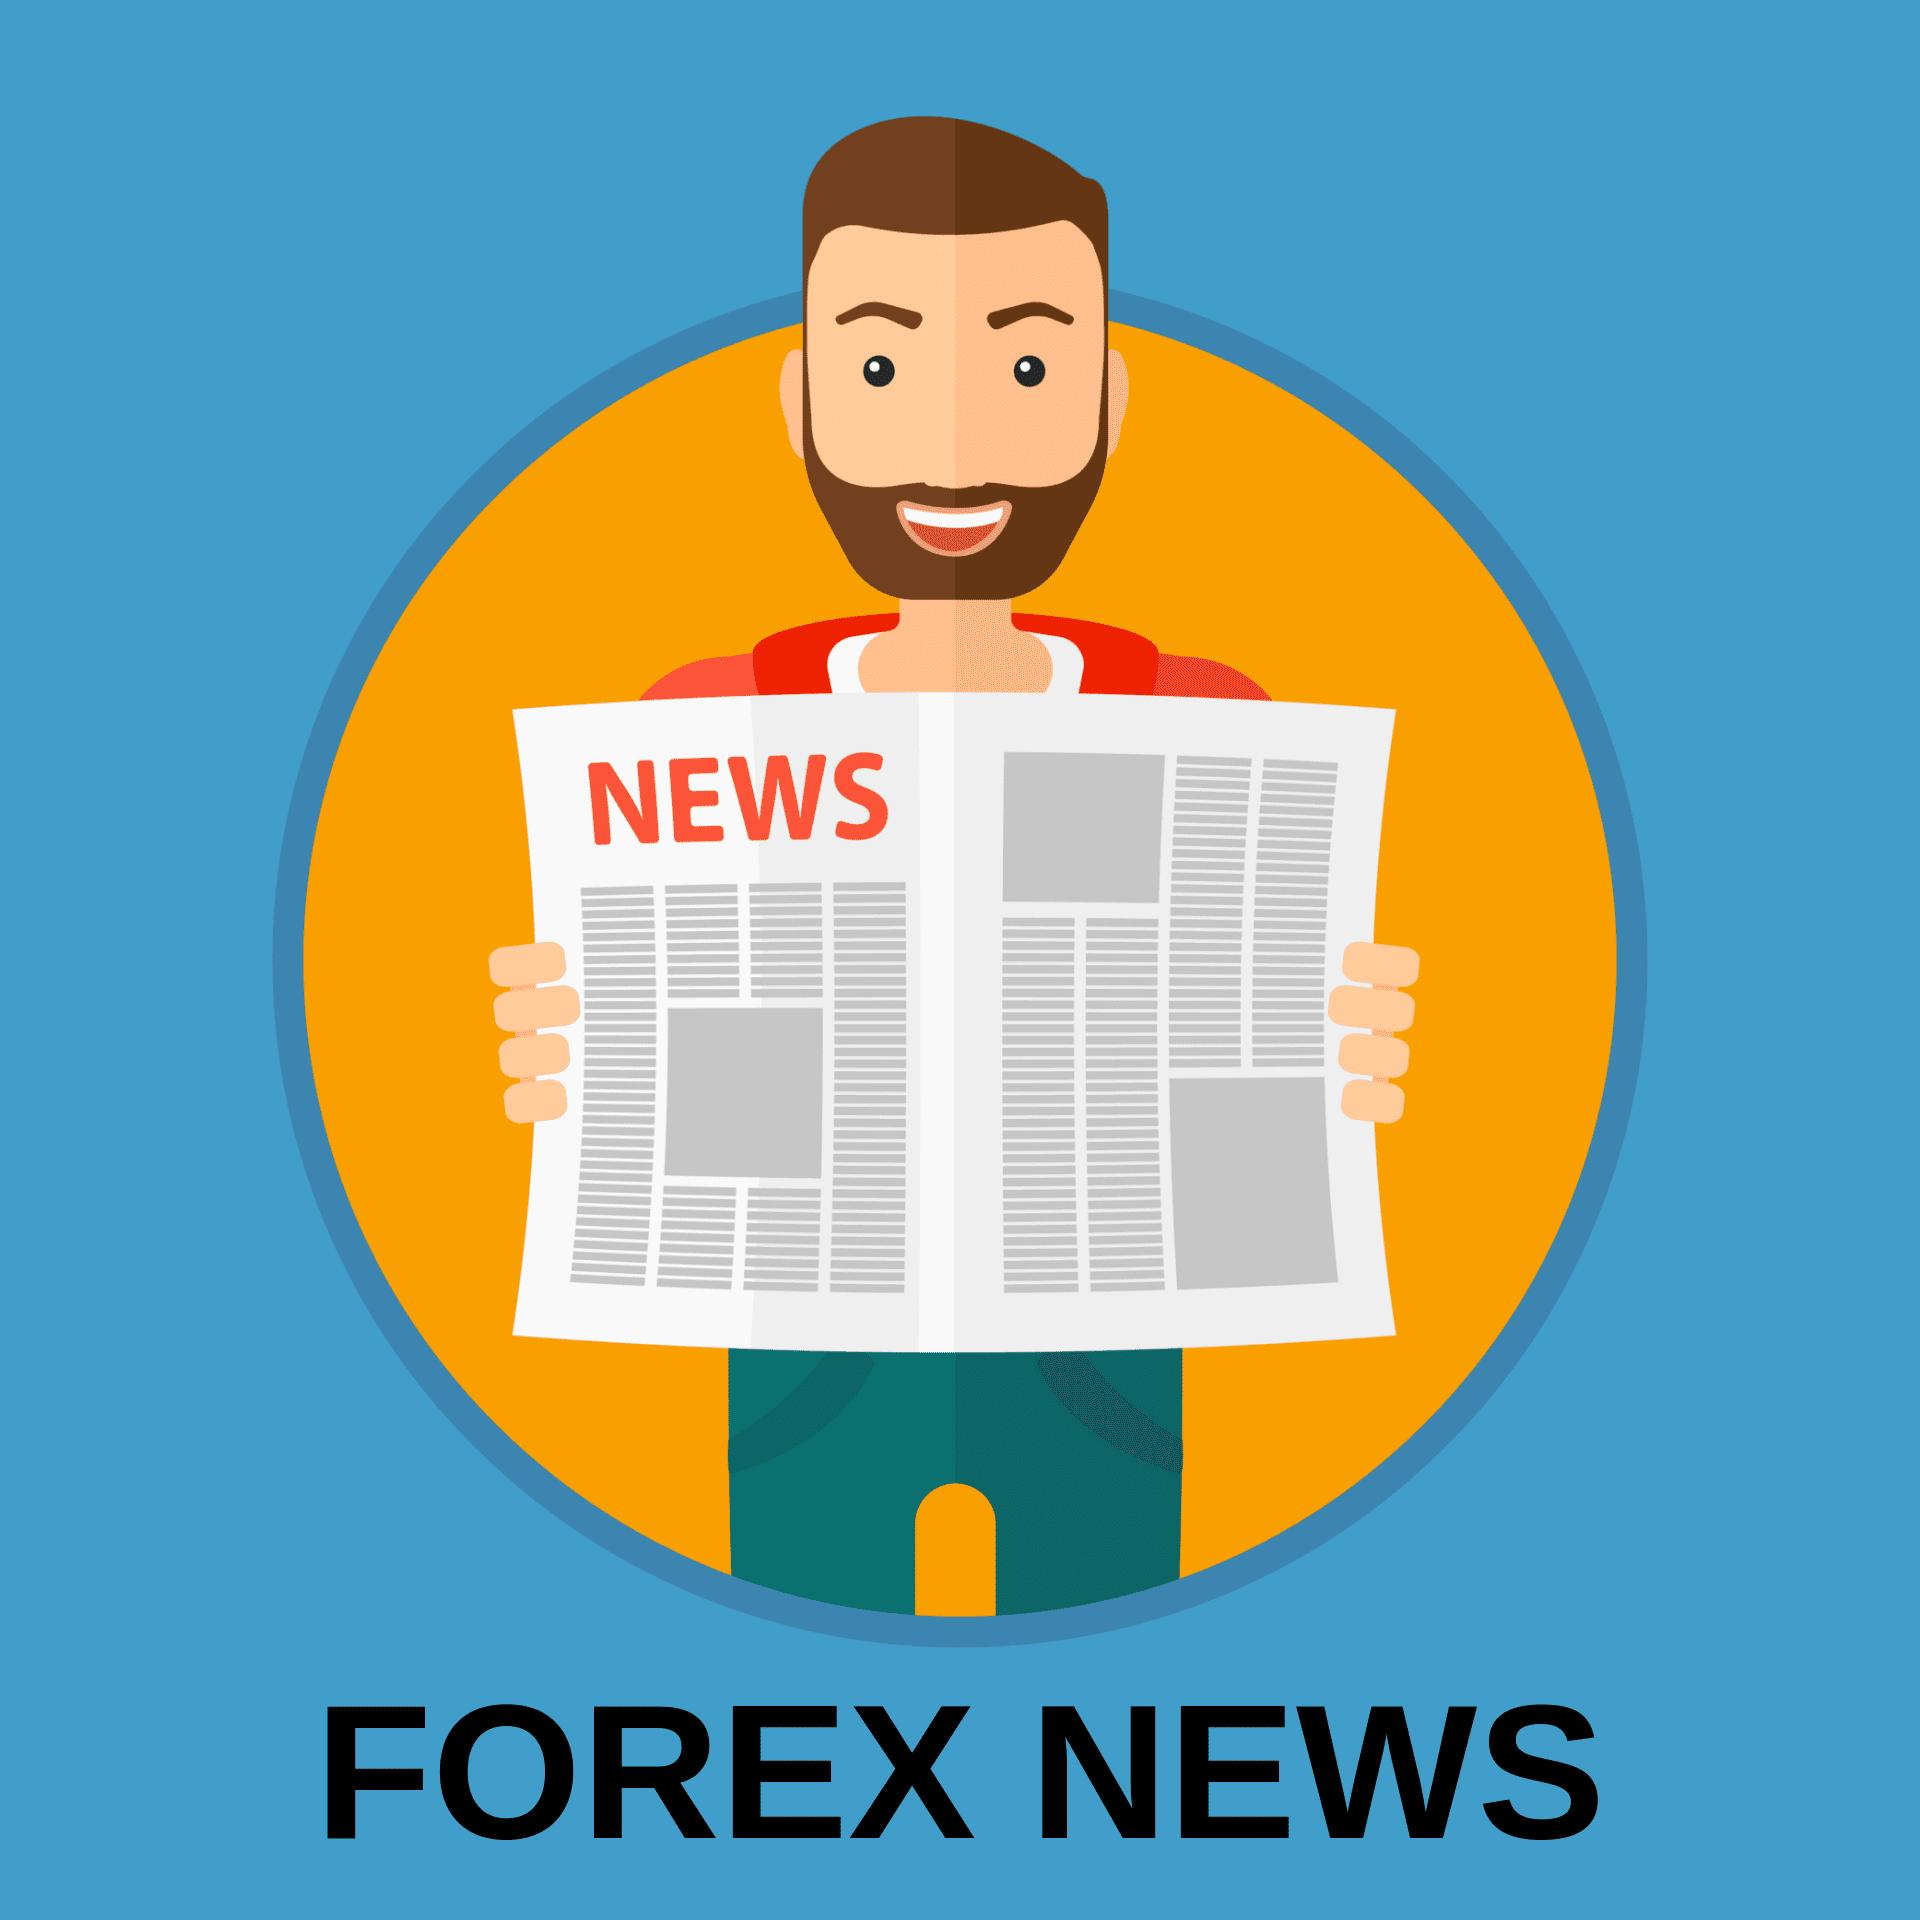 Calendario Economico Investing.Forex News Come Preparare La Strategia E Differenze Con I Segnali